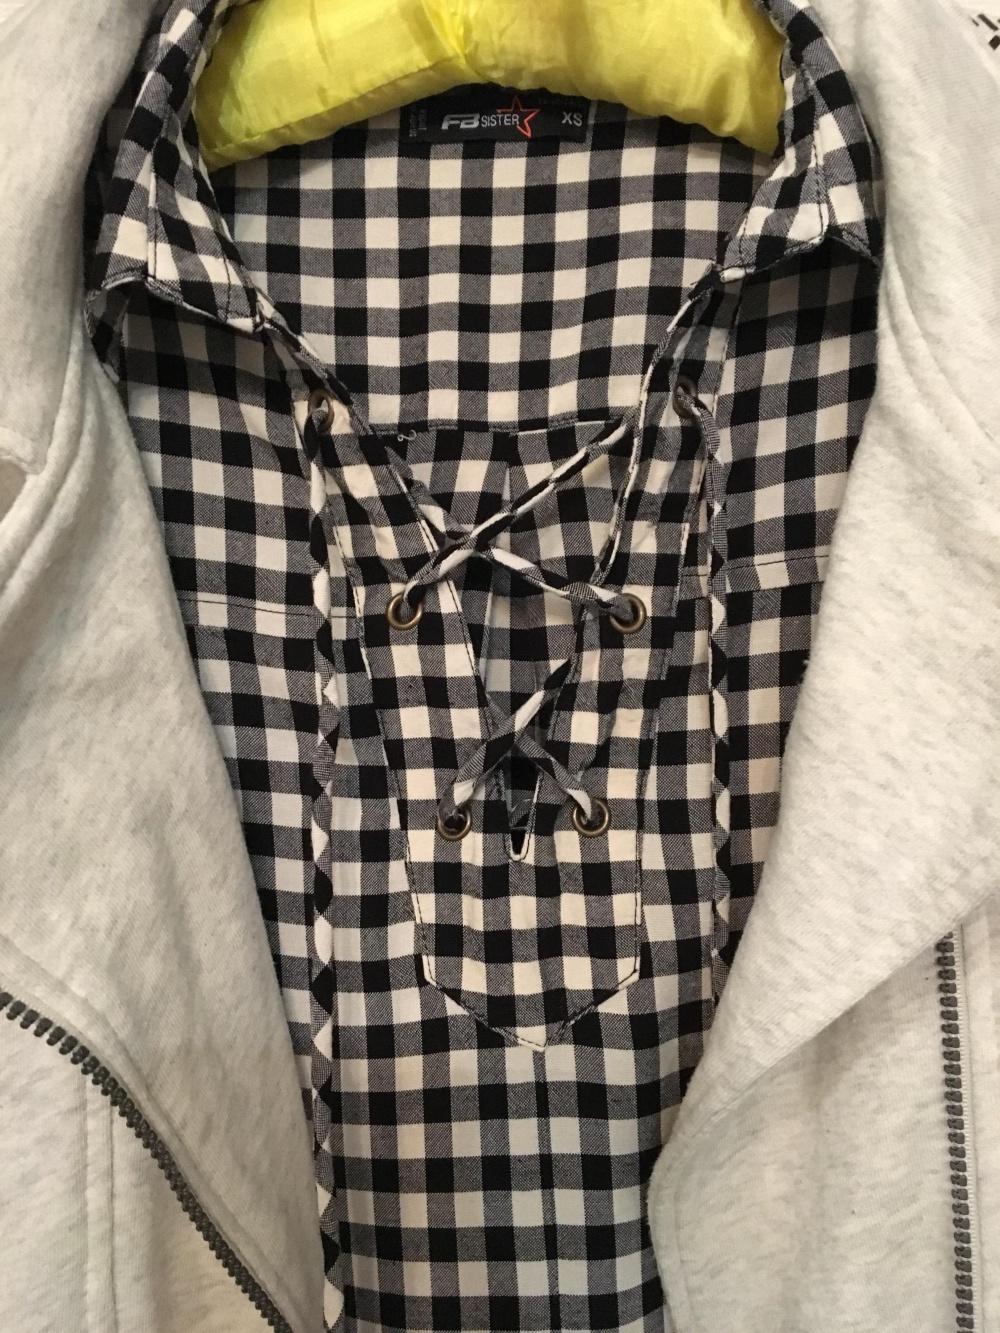 Комплект платье-рубашка FB Sister, размер XS/S+ Толстовка Garsia Jeans, размер S